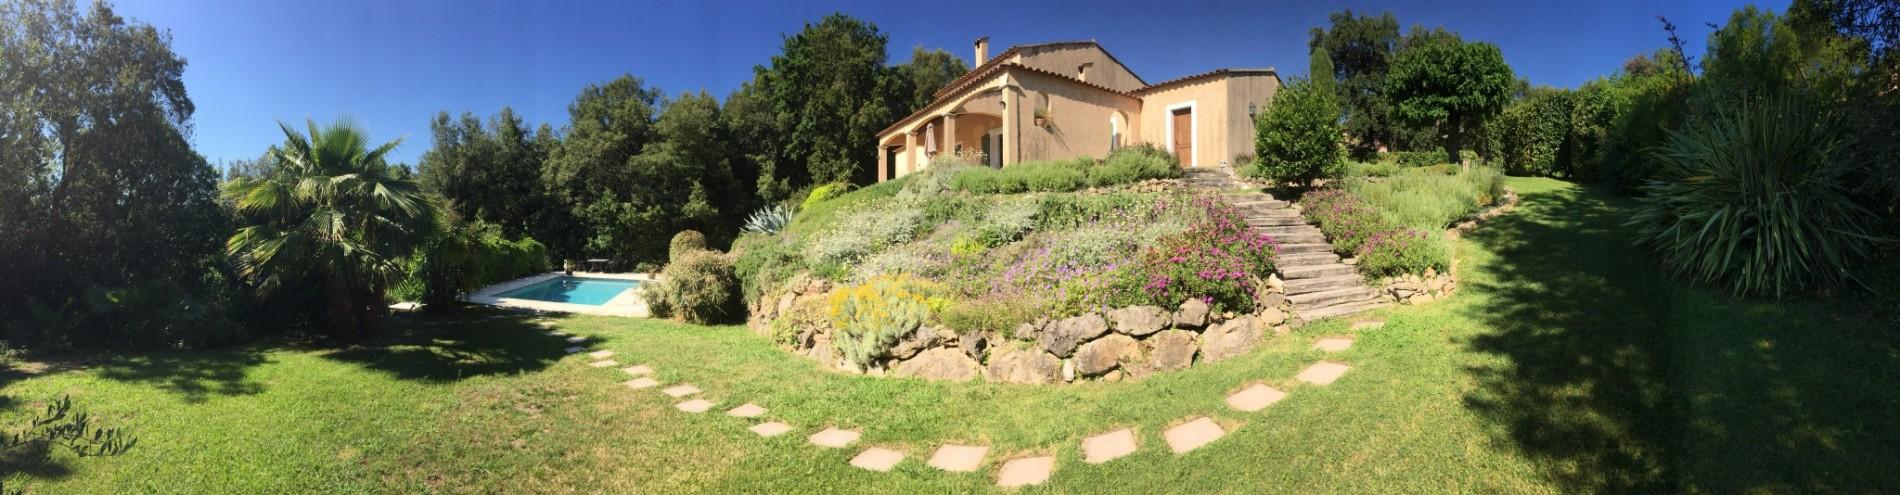 Villa Valbonne - luxe vakantiehuis bij Cannes Grasse Biot, 6 persoons, prive zwembad